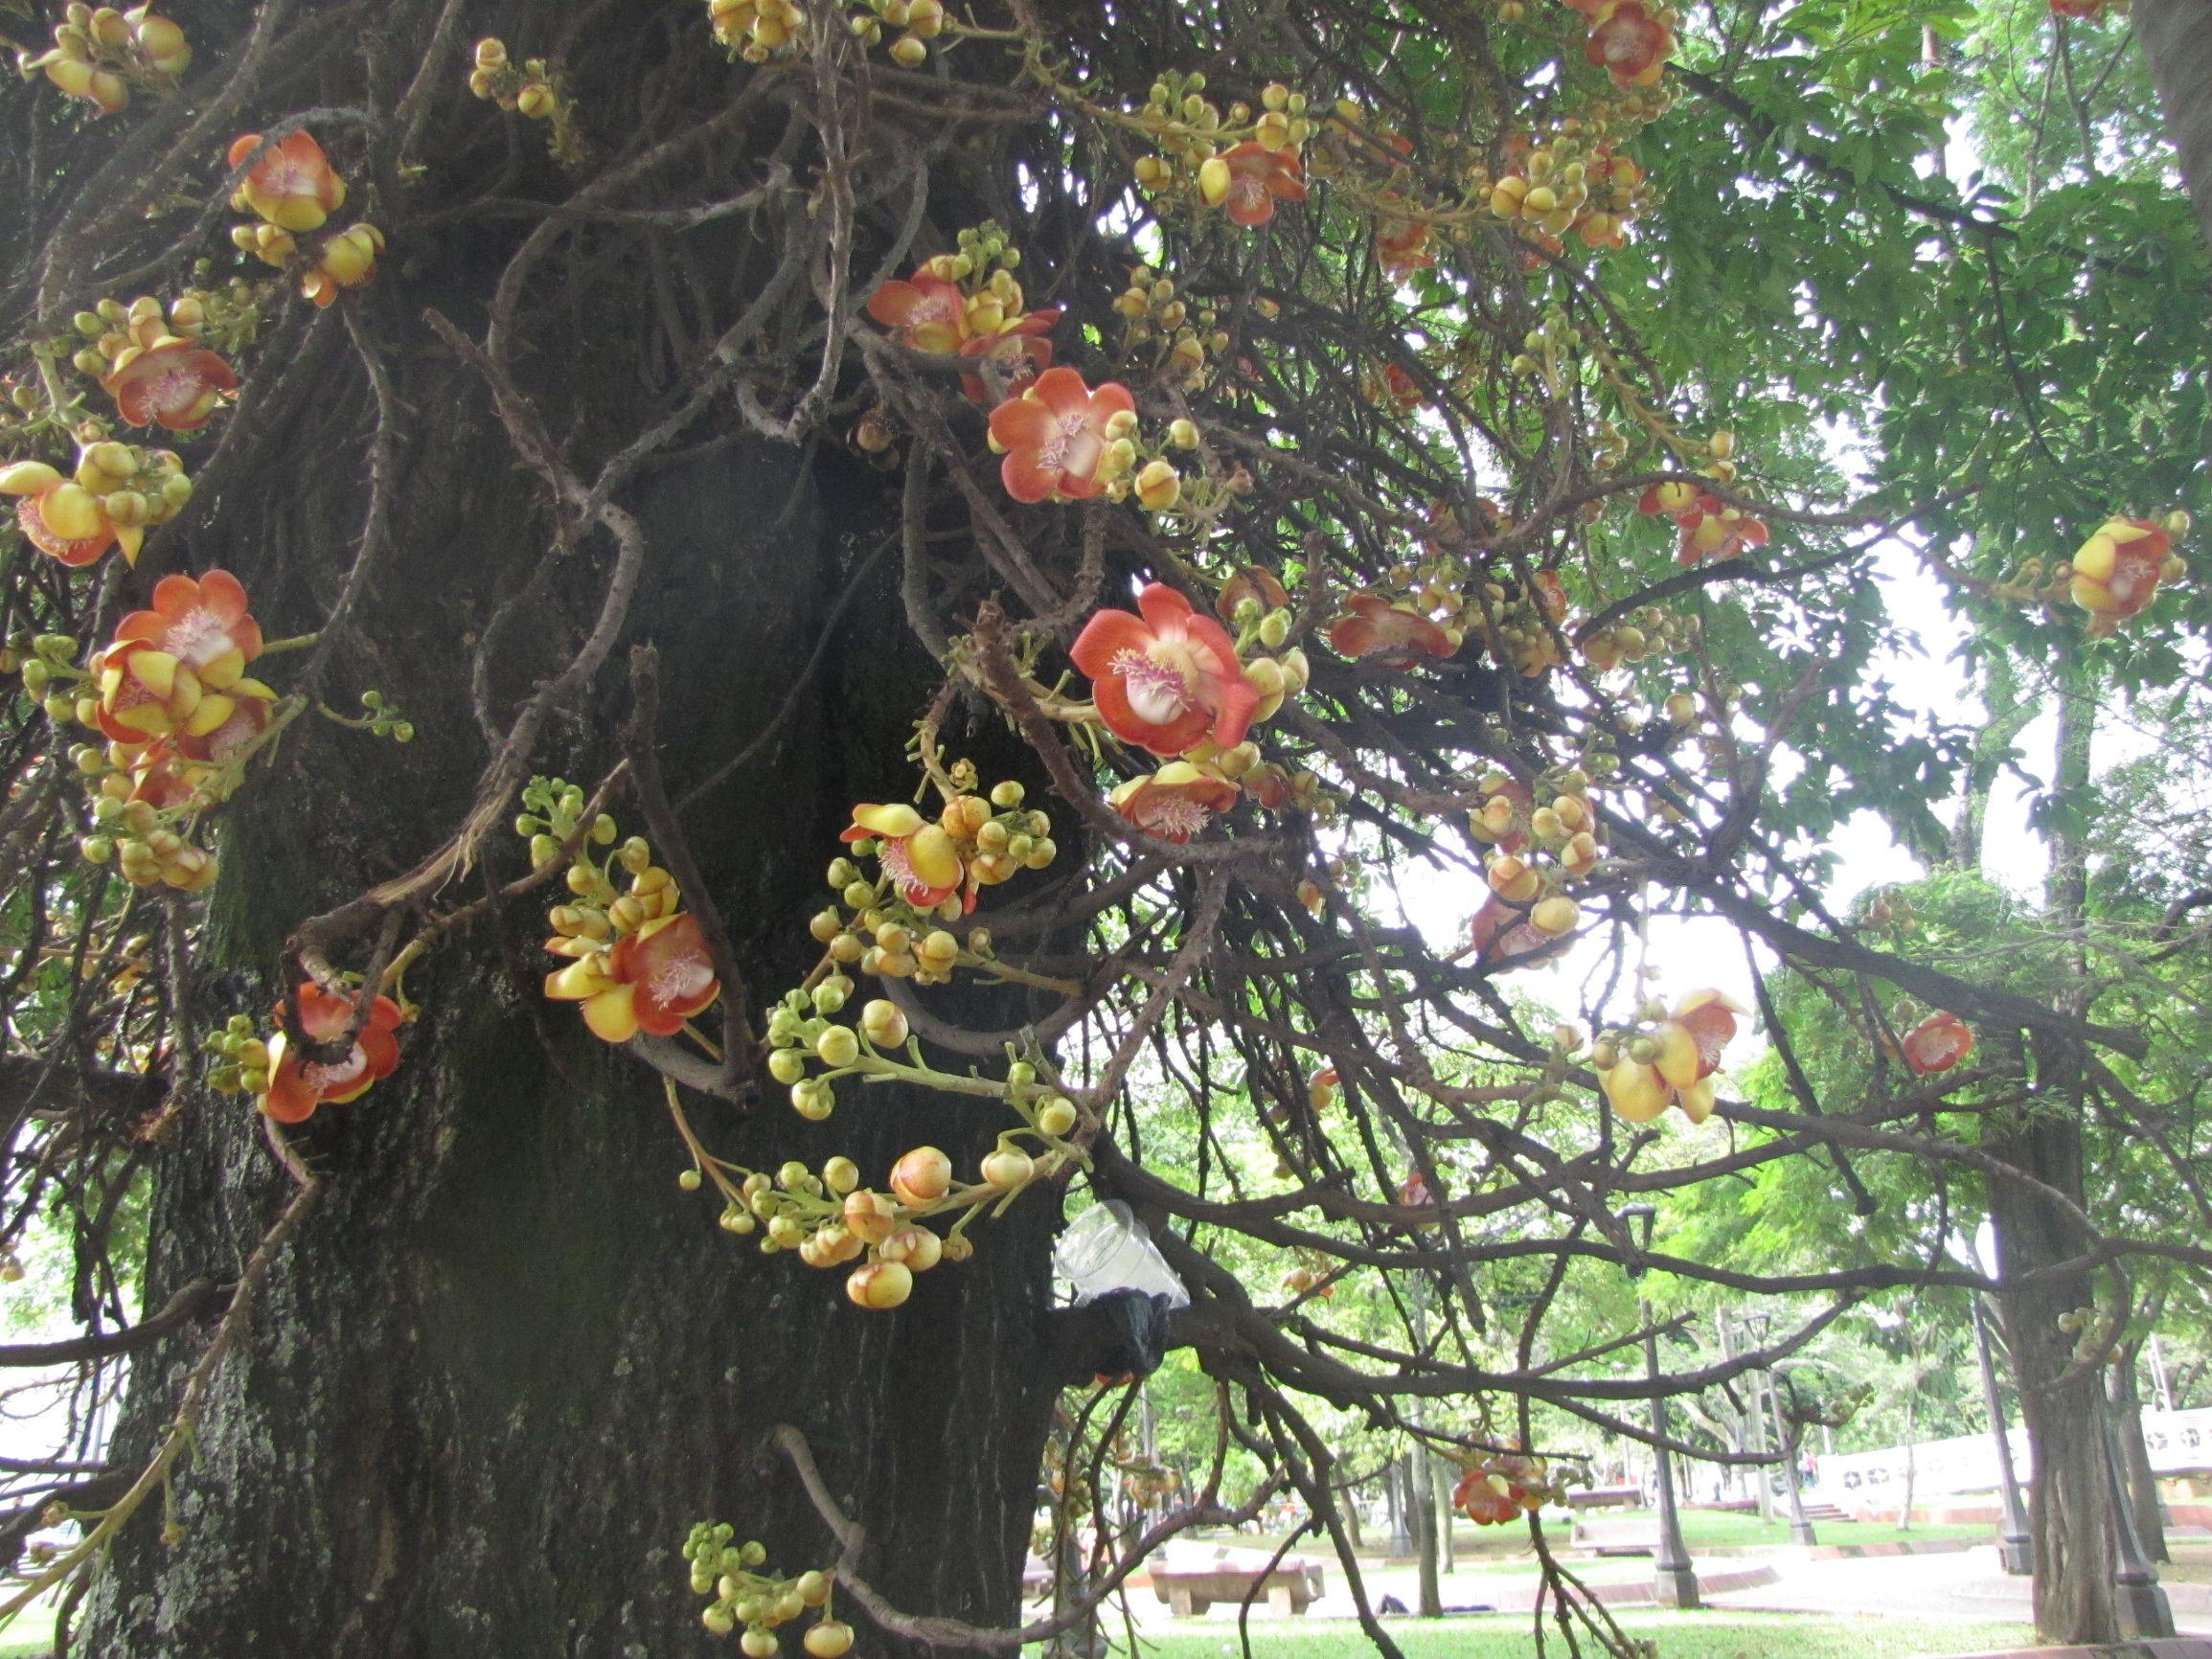 Loài cây nở hoa tuyệt đẹp nhưng không ai dám lại gần chỉ vì... Loai-cay-no-hoa-cuc-dep-nhung-khong-ai-dam-lai-gan_85255298f2